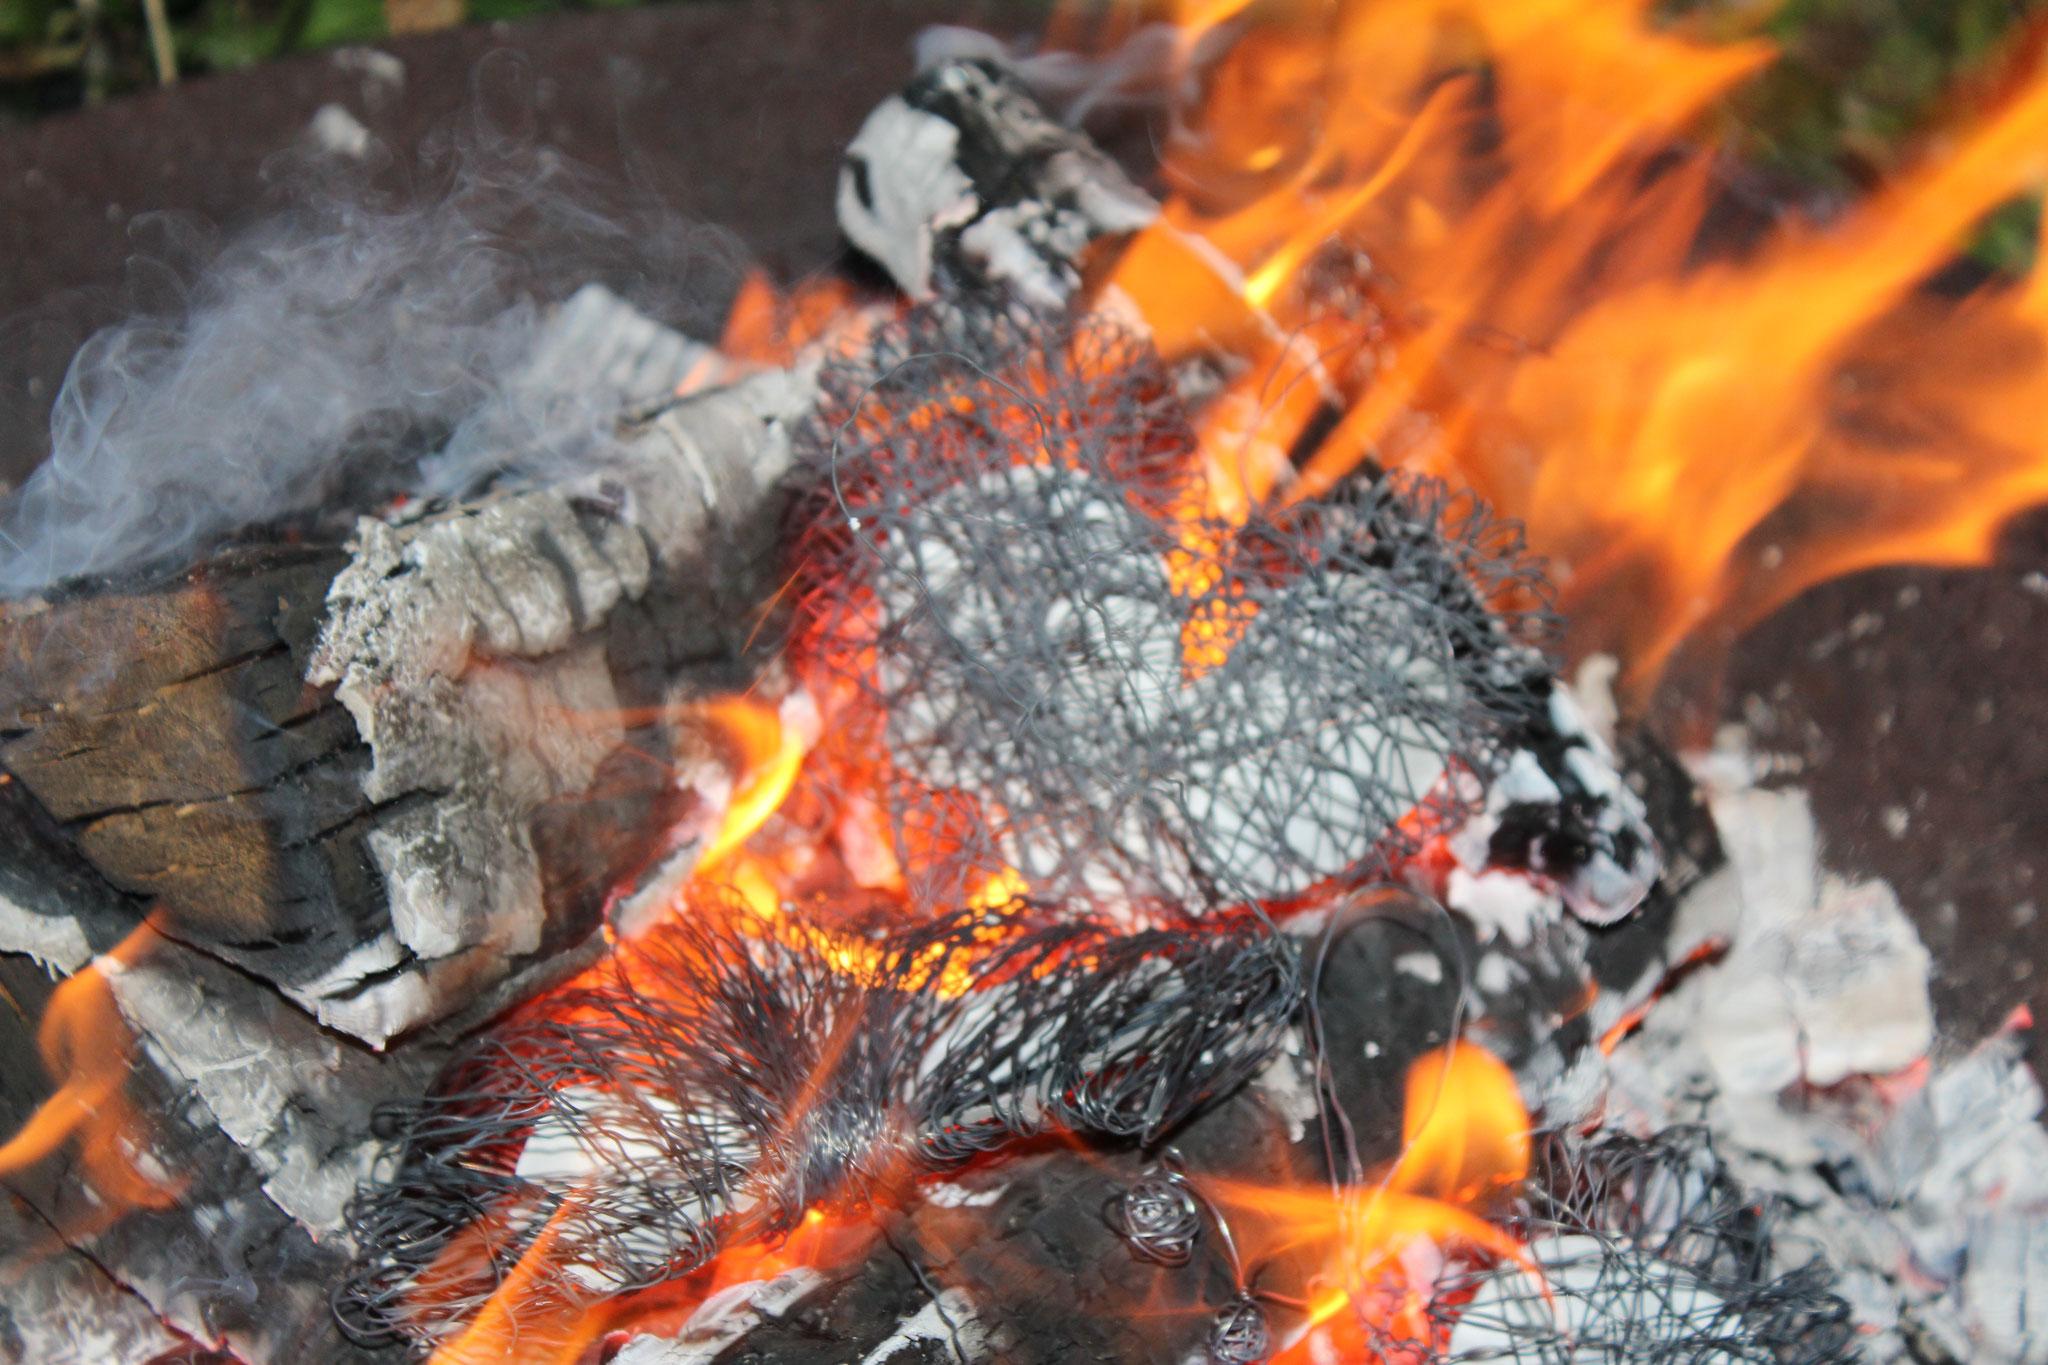 Ein selbst gebasteltes Herz dem Feuer übergeben